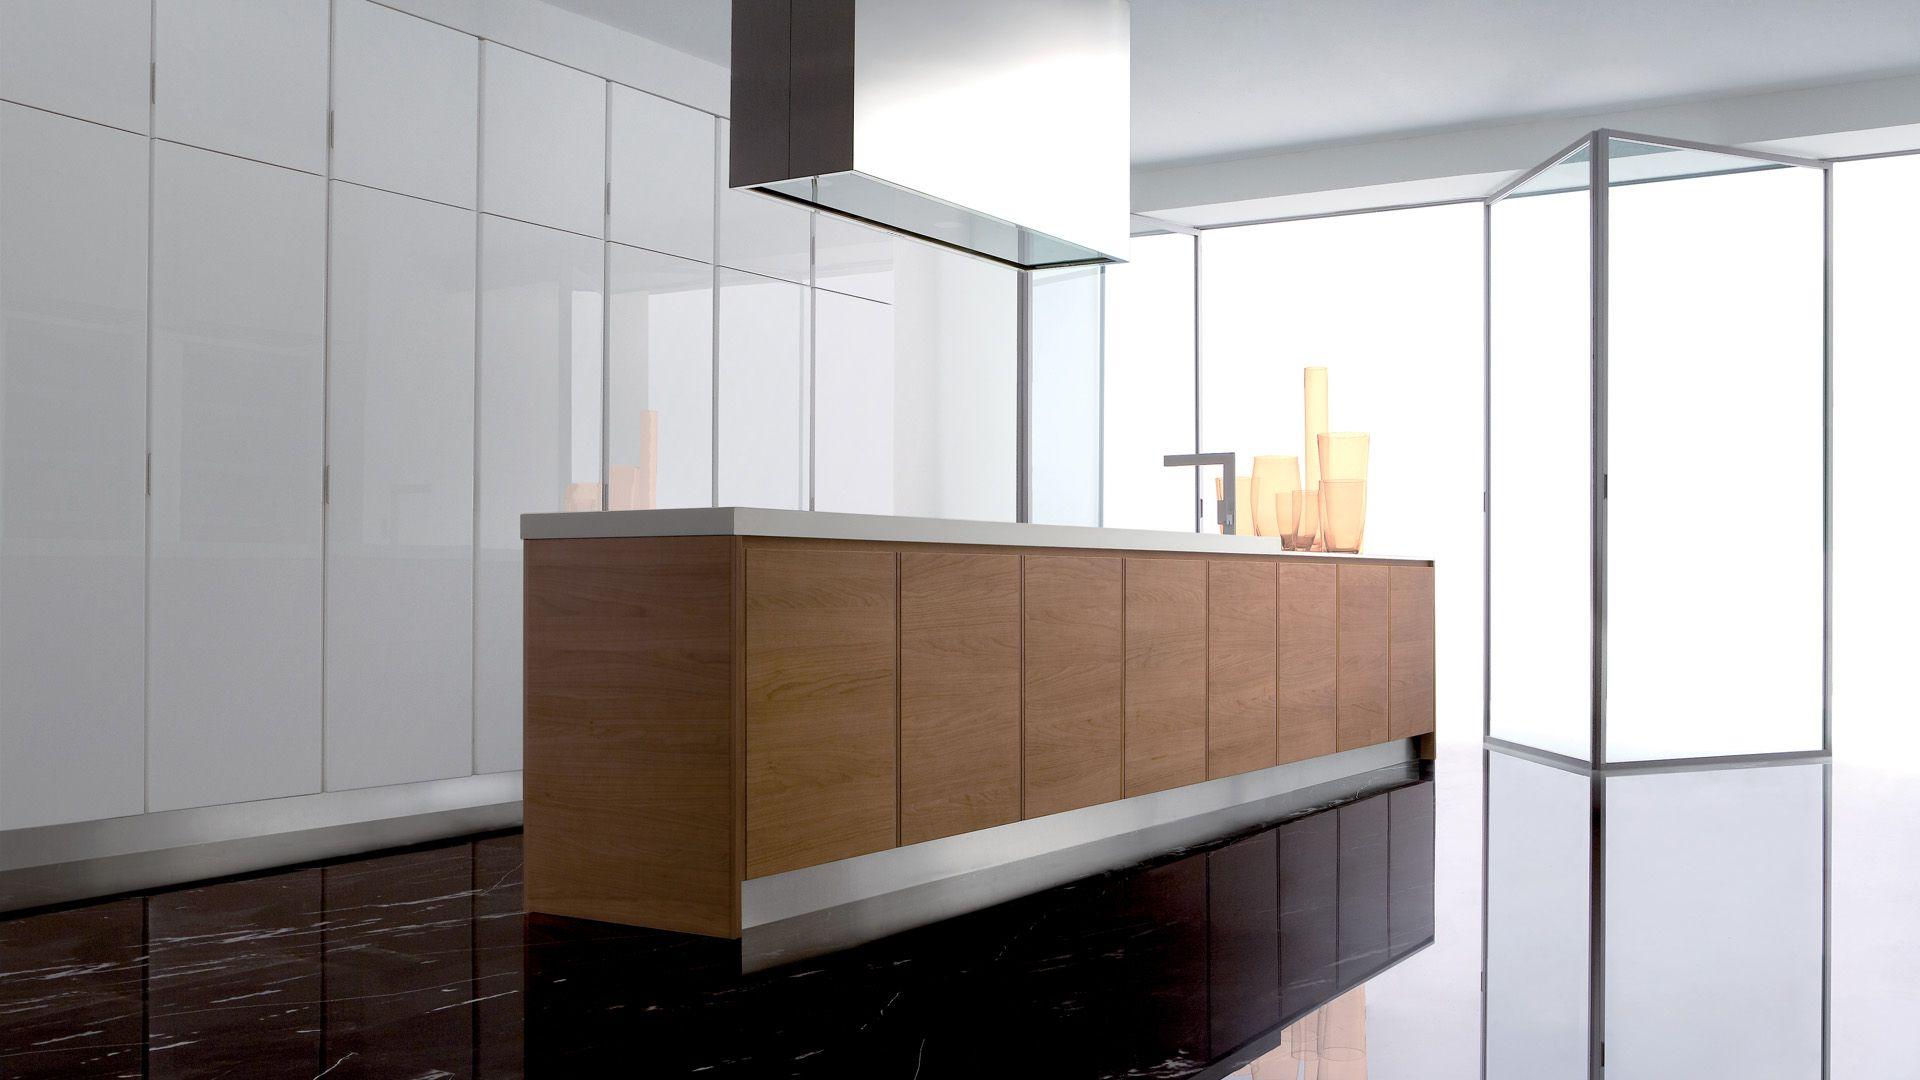 Modern Kitchen Countertop Design  מטבח  Pinterest  Corian Brilliant Latest Kitchen Design Decorating Design